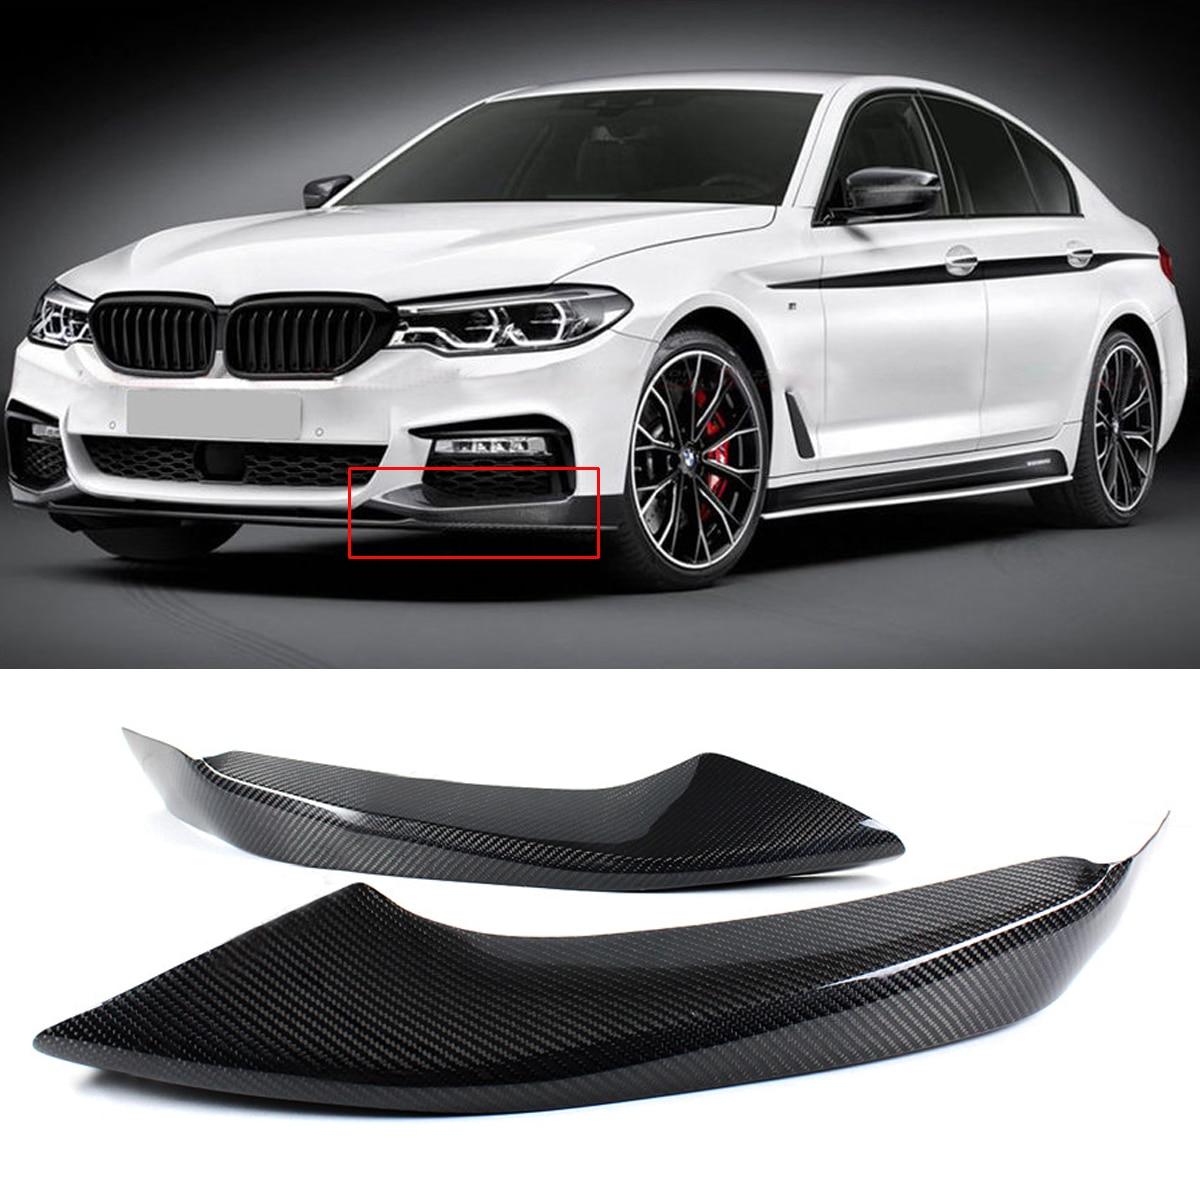 1Pair Carbon Fiber M Sport Front Bumper Side Splitters Diffuser Bumper Canard Lip Body Shovels for BMW 2017-2018 G30 540i M550i